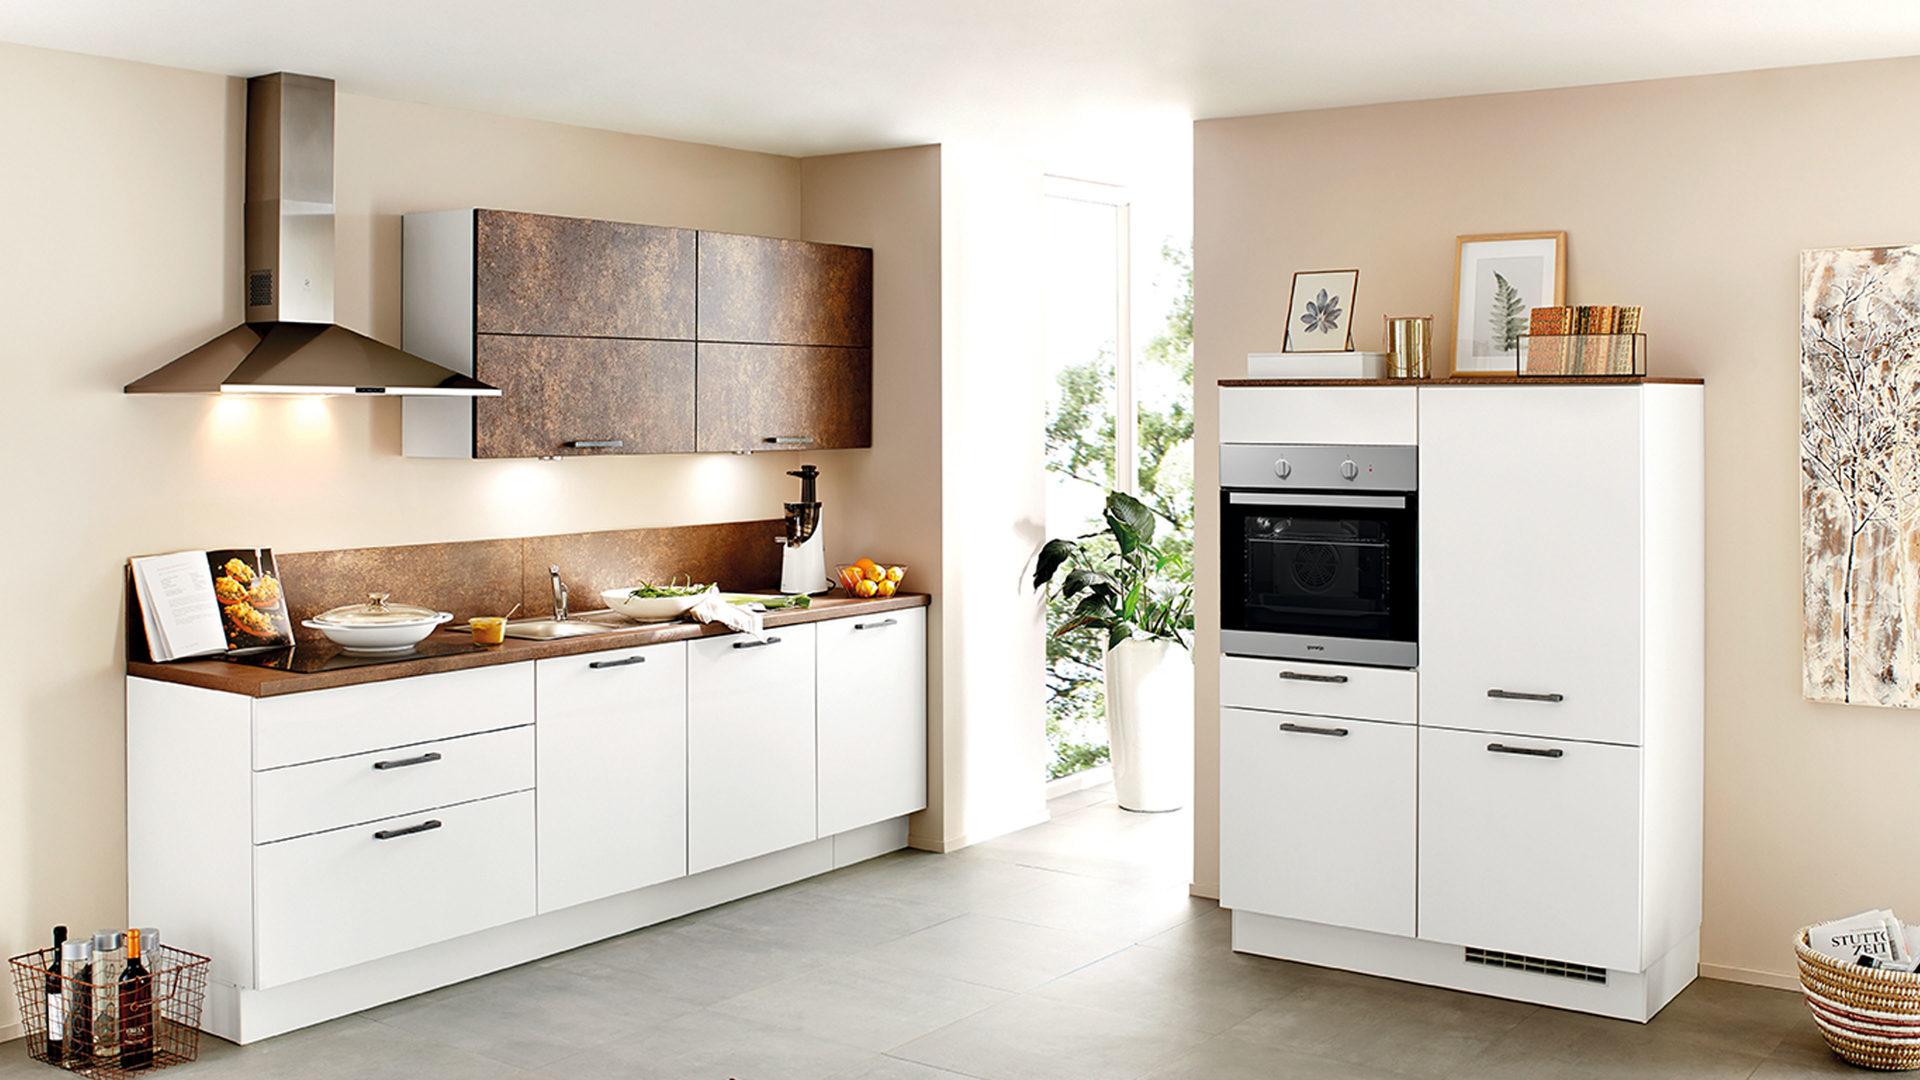 Gorenje Kühlschrank Laut : Wohnkauf zeller weilburg markenshops einbauküchen einbauküche